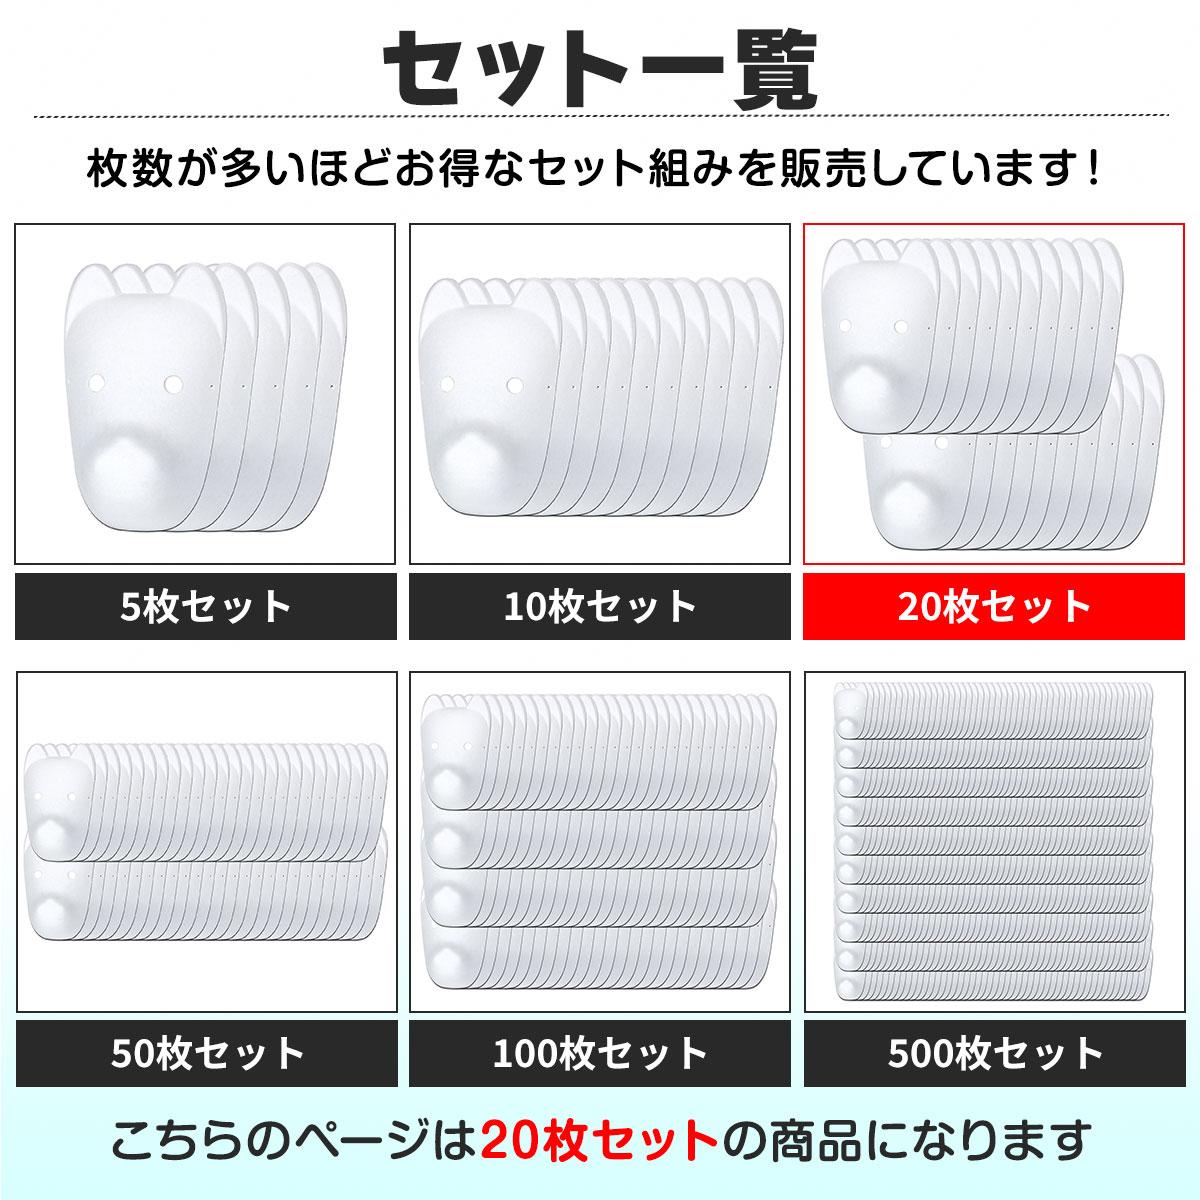 狐面 お面 狐 仮面 マスク コスプレ 無地 ペイント 紙パルプ製 大サイズ 20枚セット